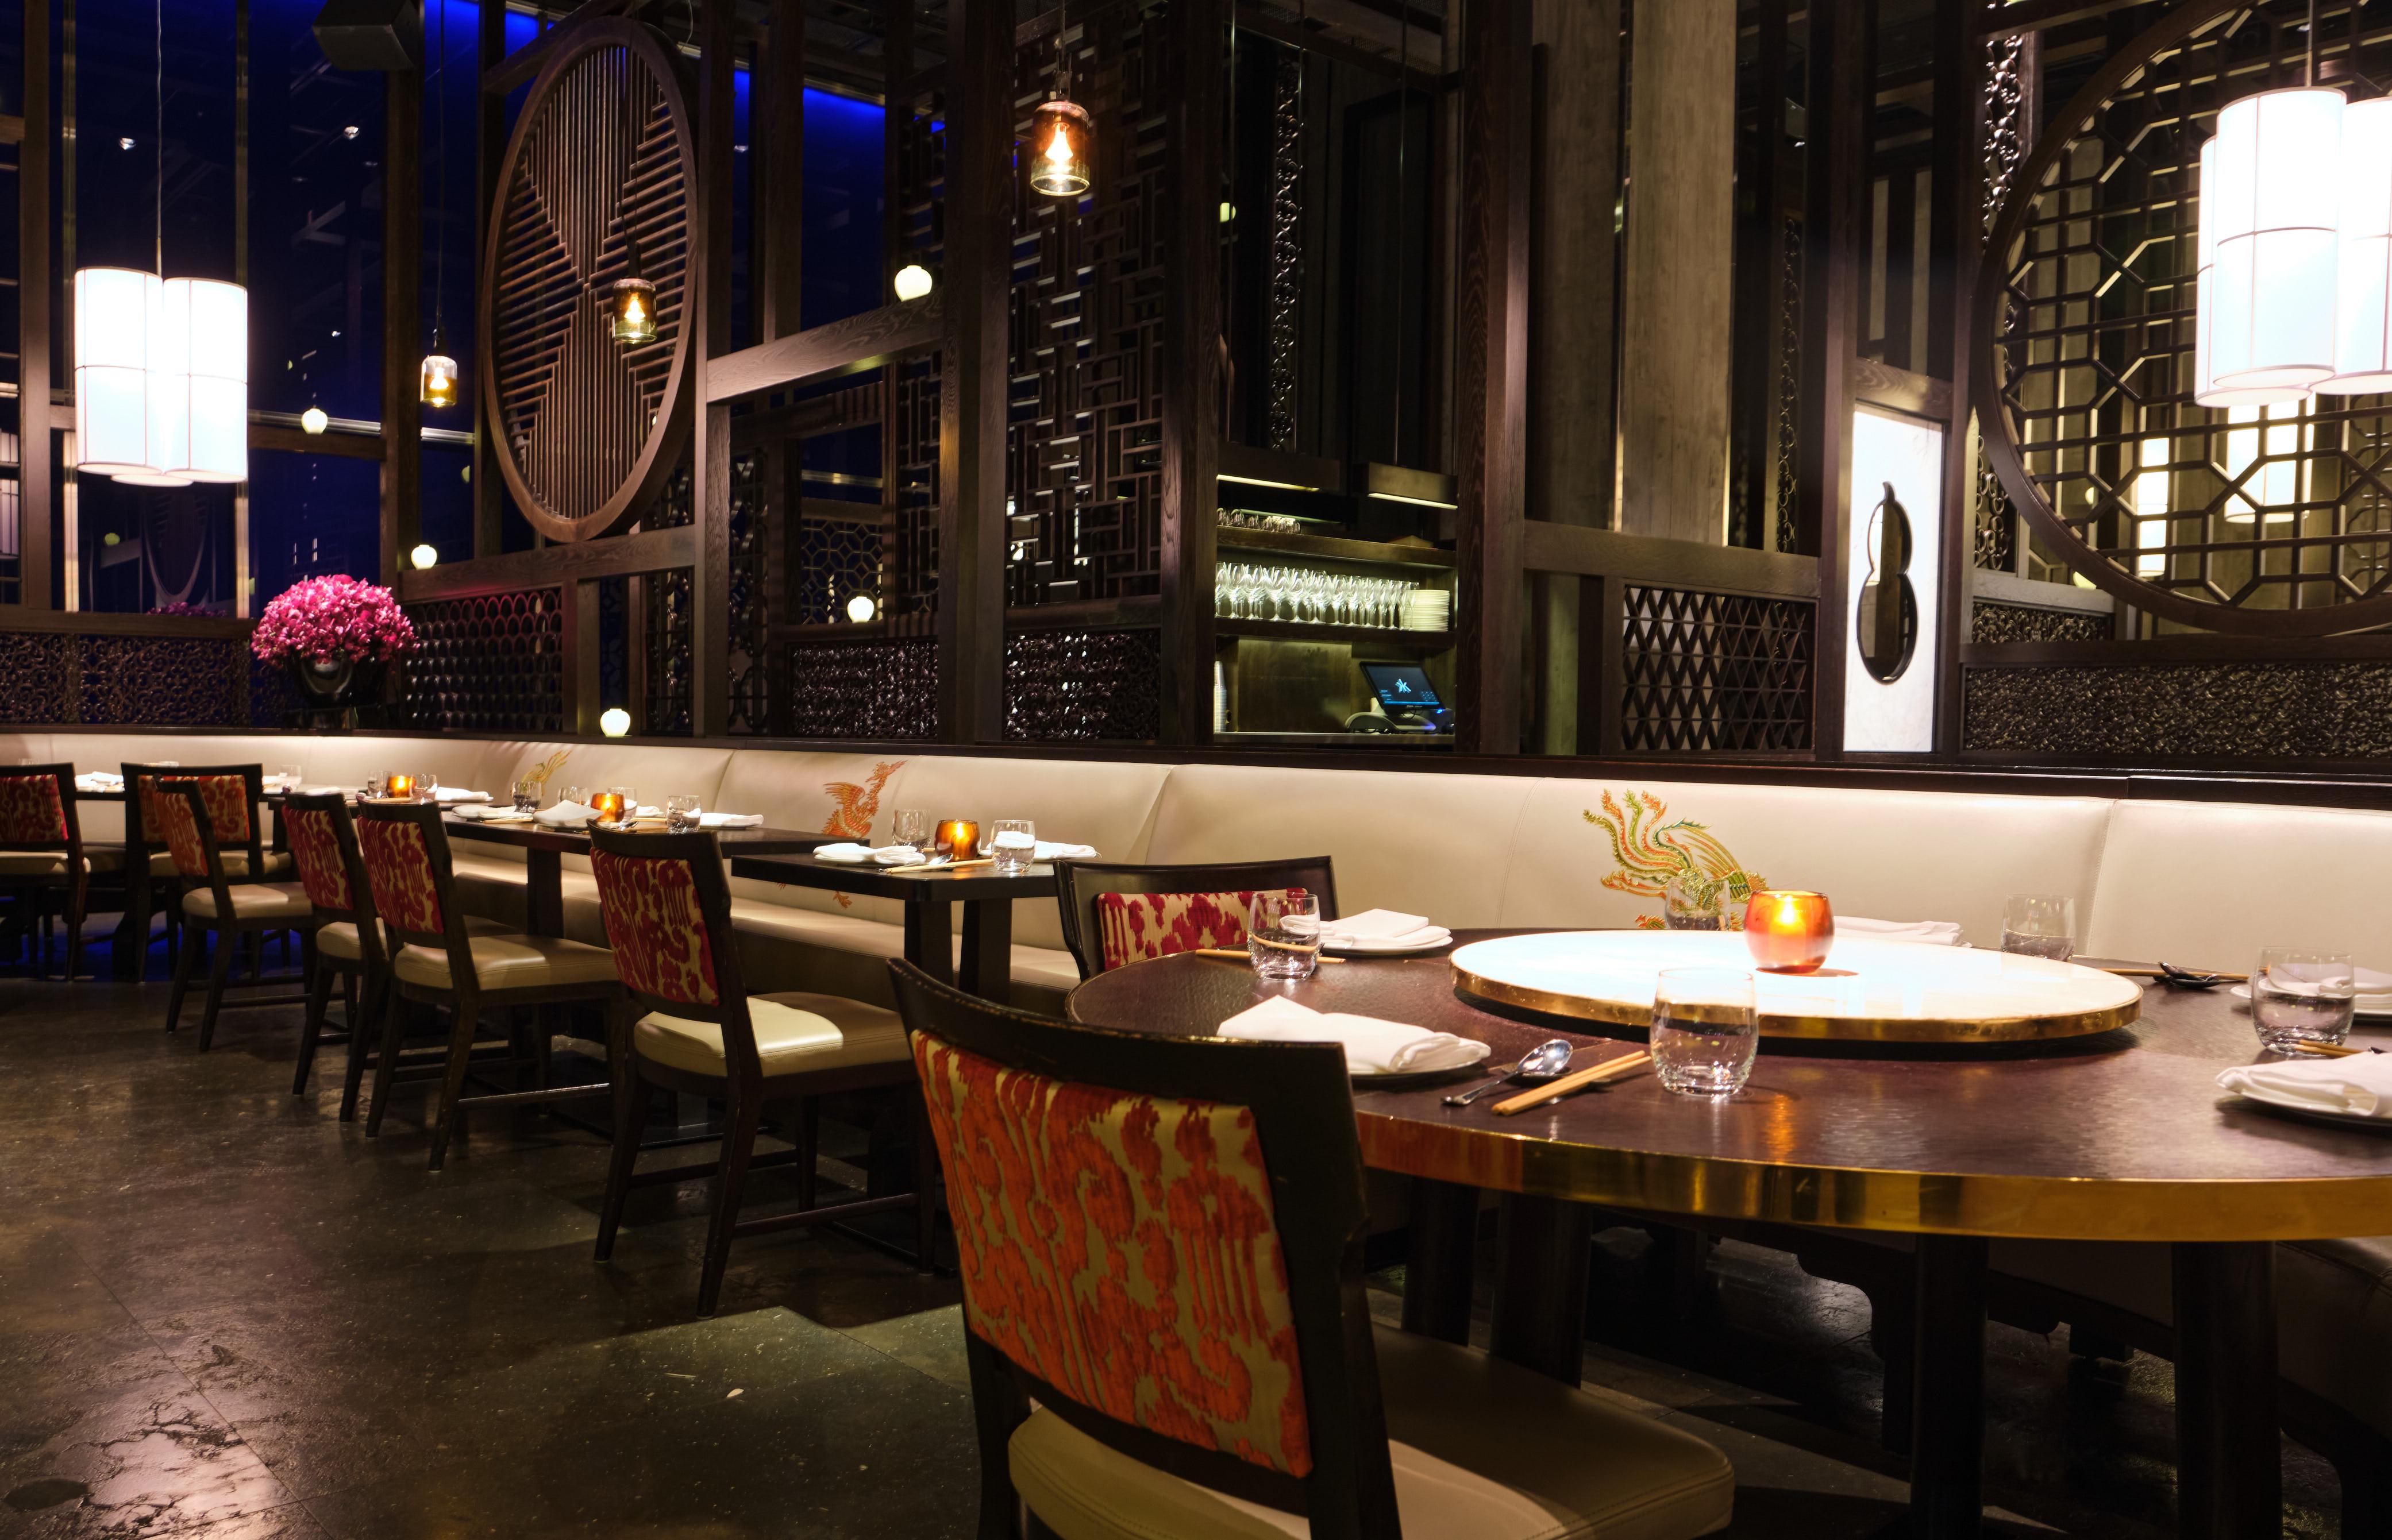 An Asian-inspired dark dining room